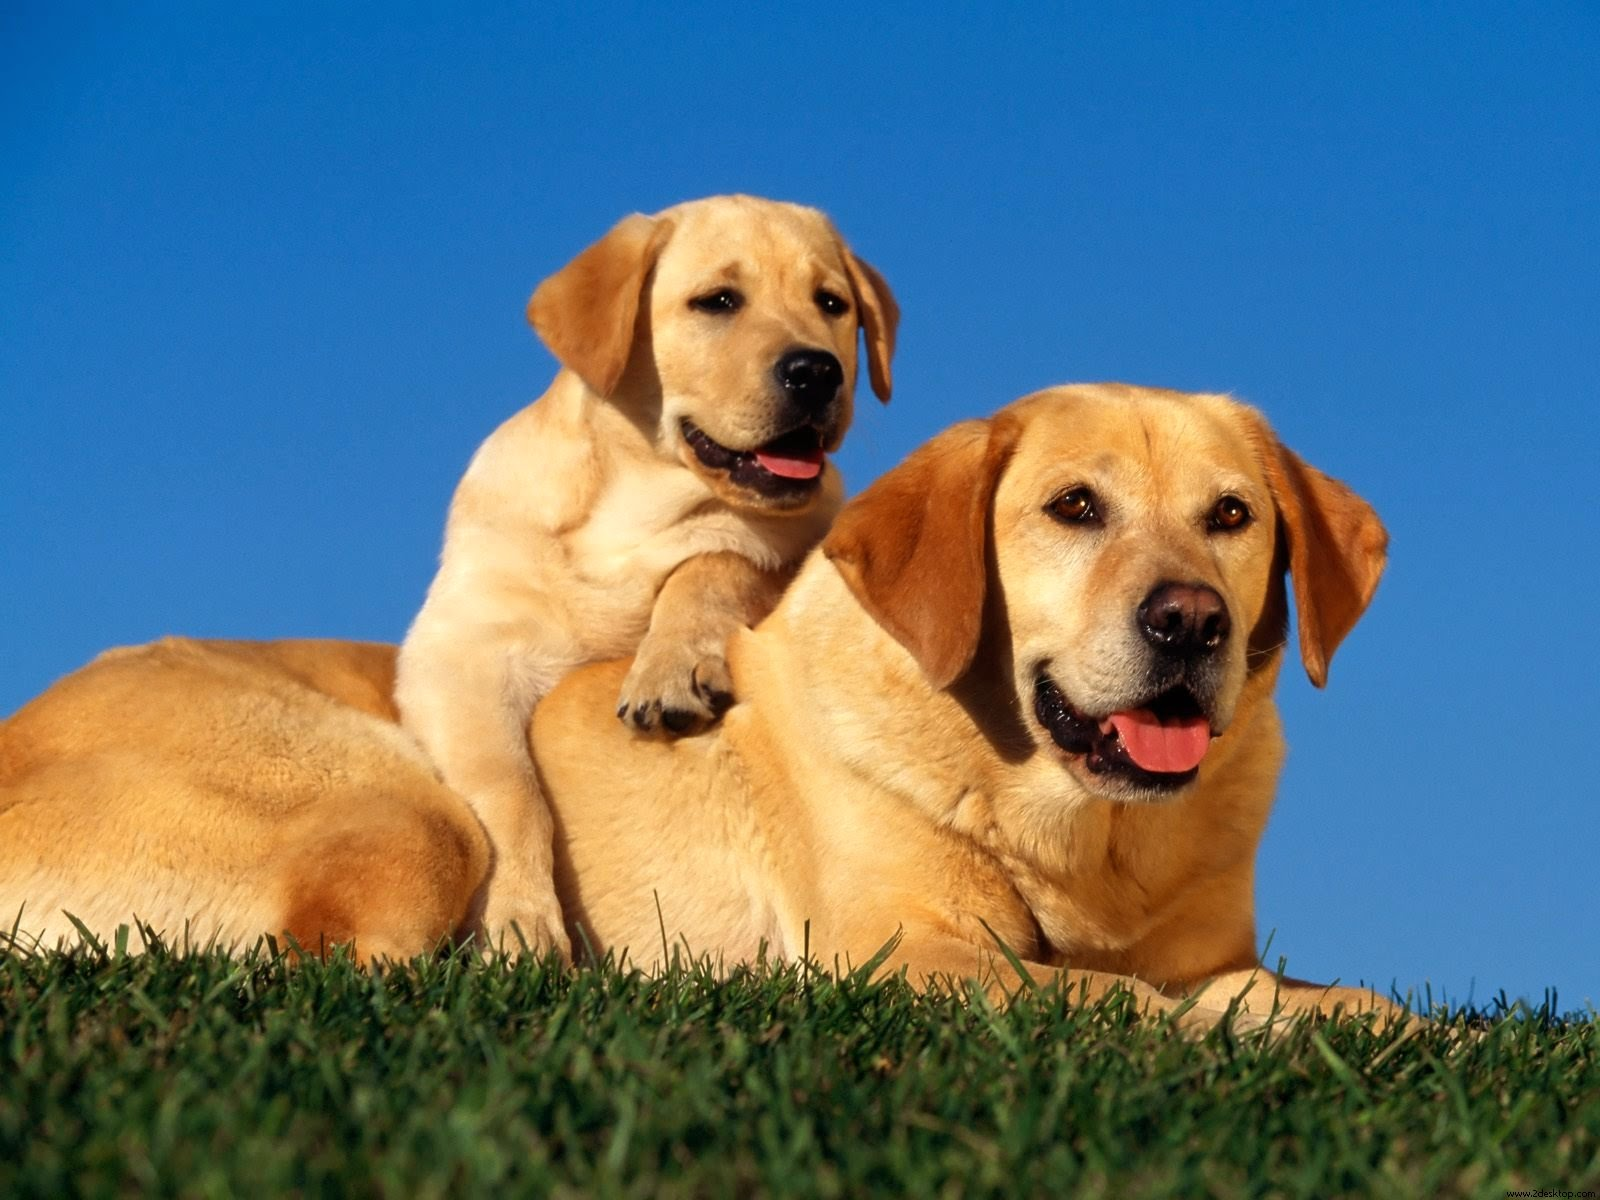 الاسهال عند الكلاب واسبابه وطرق الوقايه والعلاج